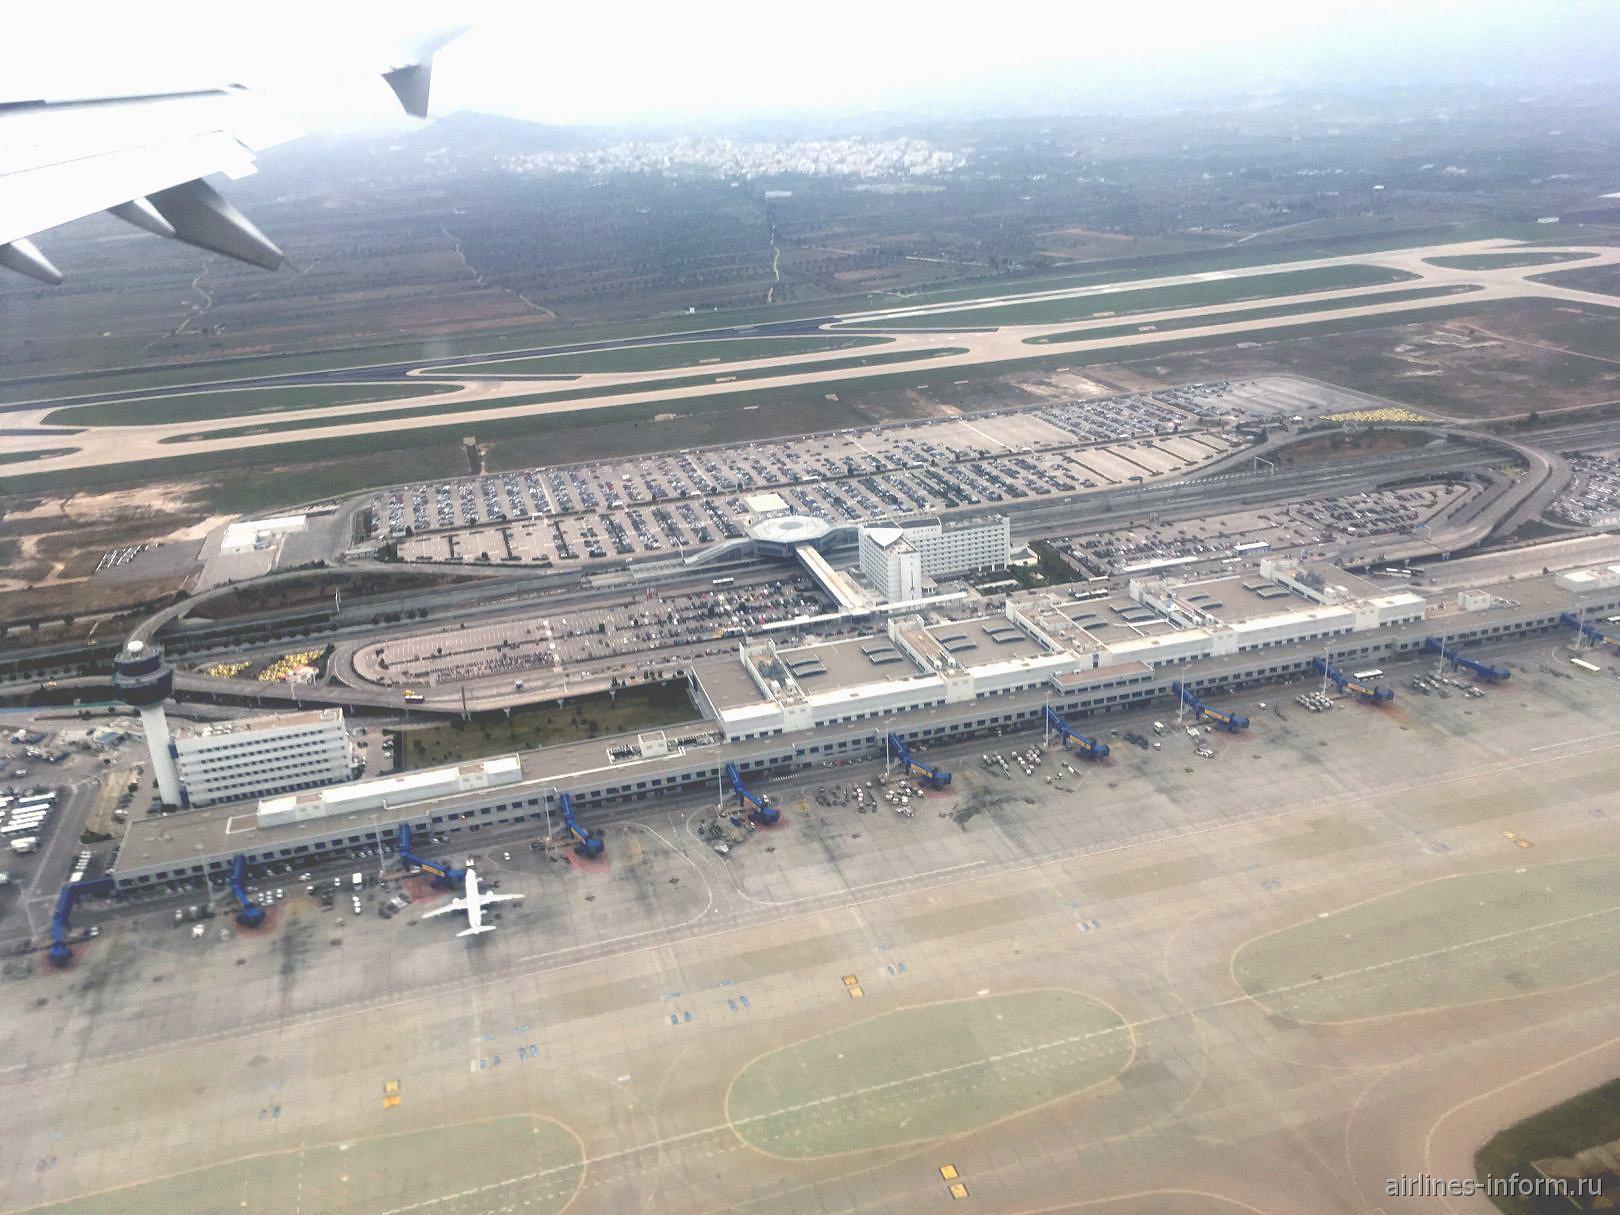 Вид сверху на аэропорт Афины Элефтериос Венизелос